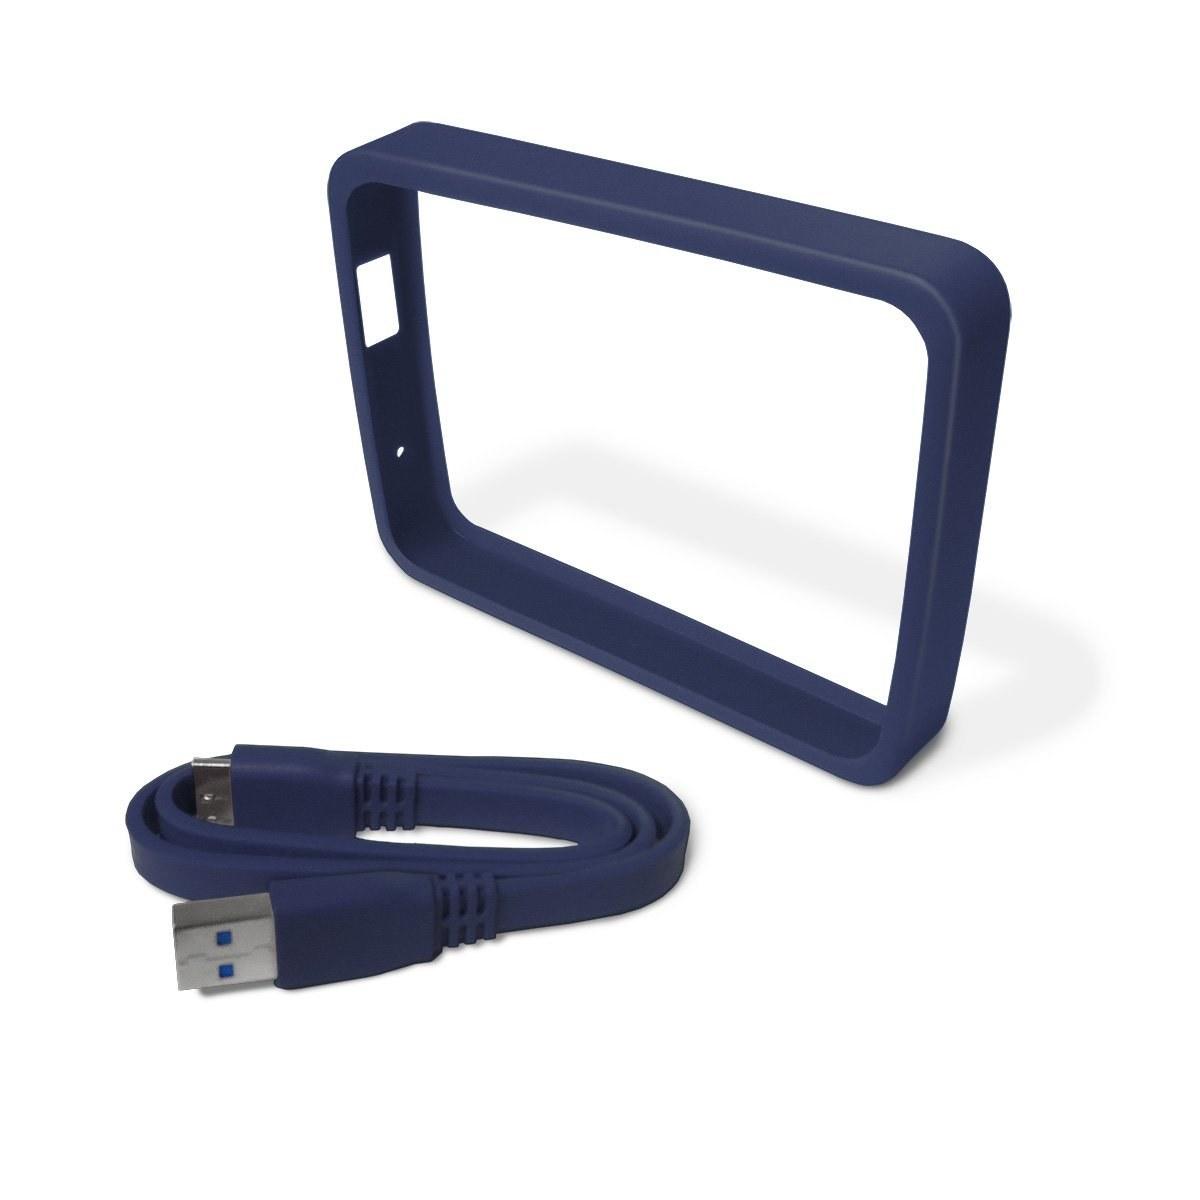 تصویر WD Grip Pack برای گذرنامه من Ultra 2TB با کابل USB 3.0 ، تخته سنگ (WDBFMT0000NBA-NASN)